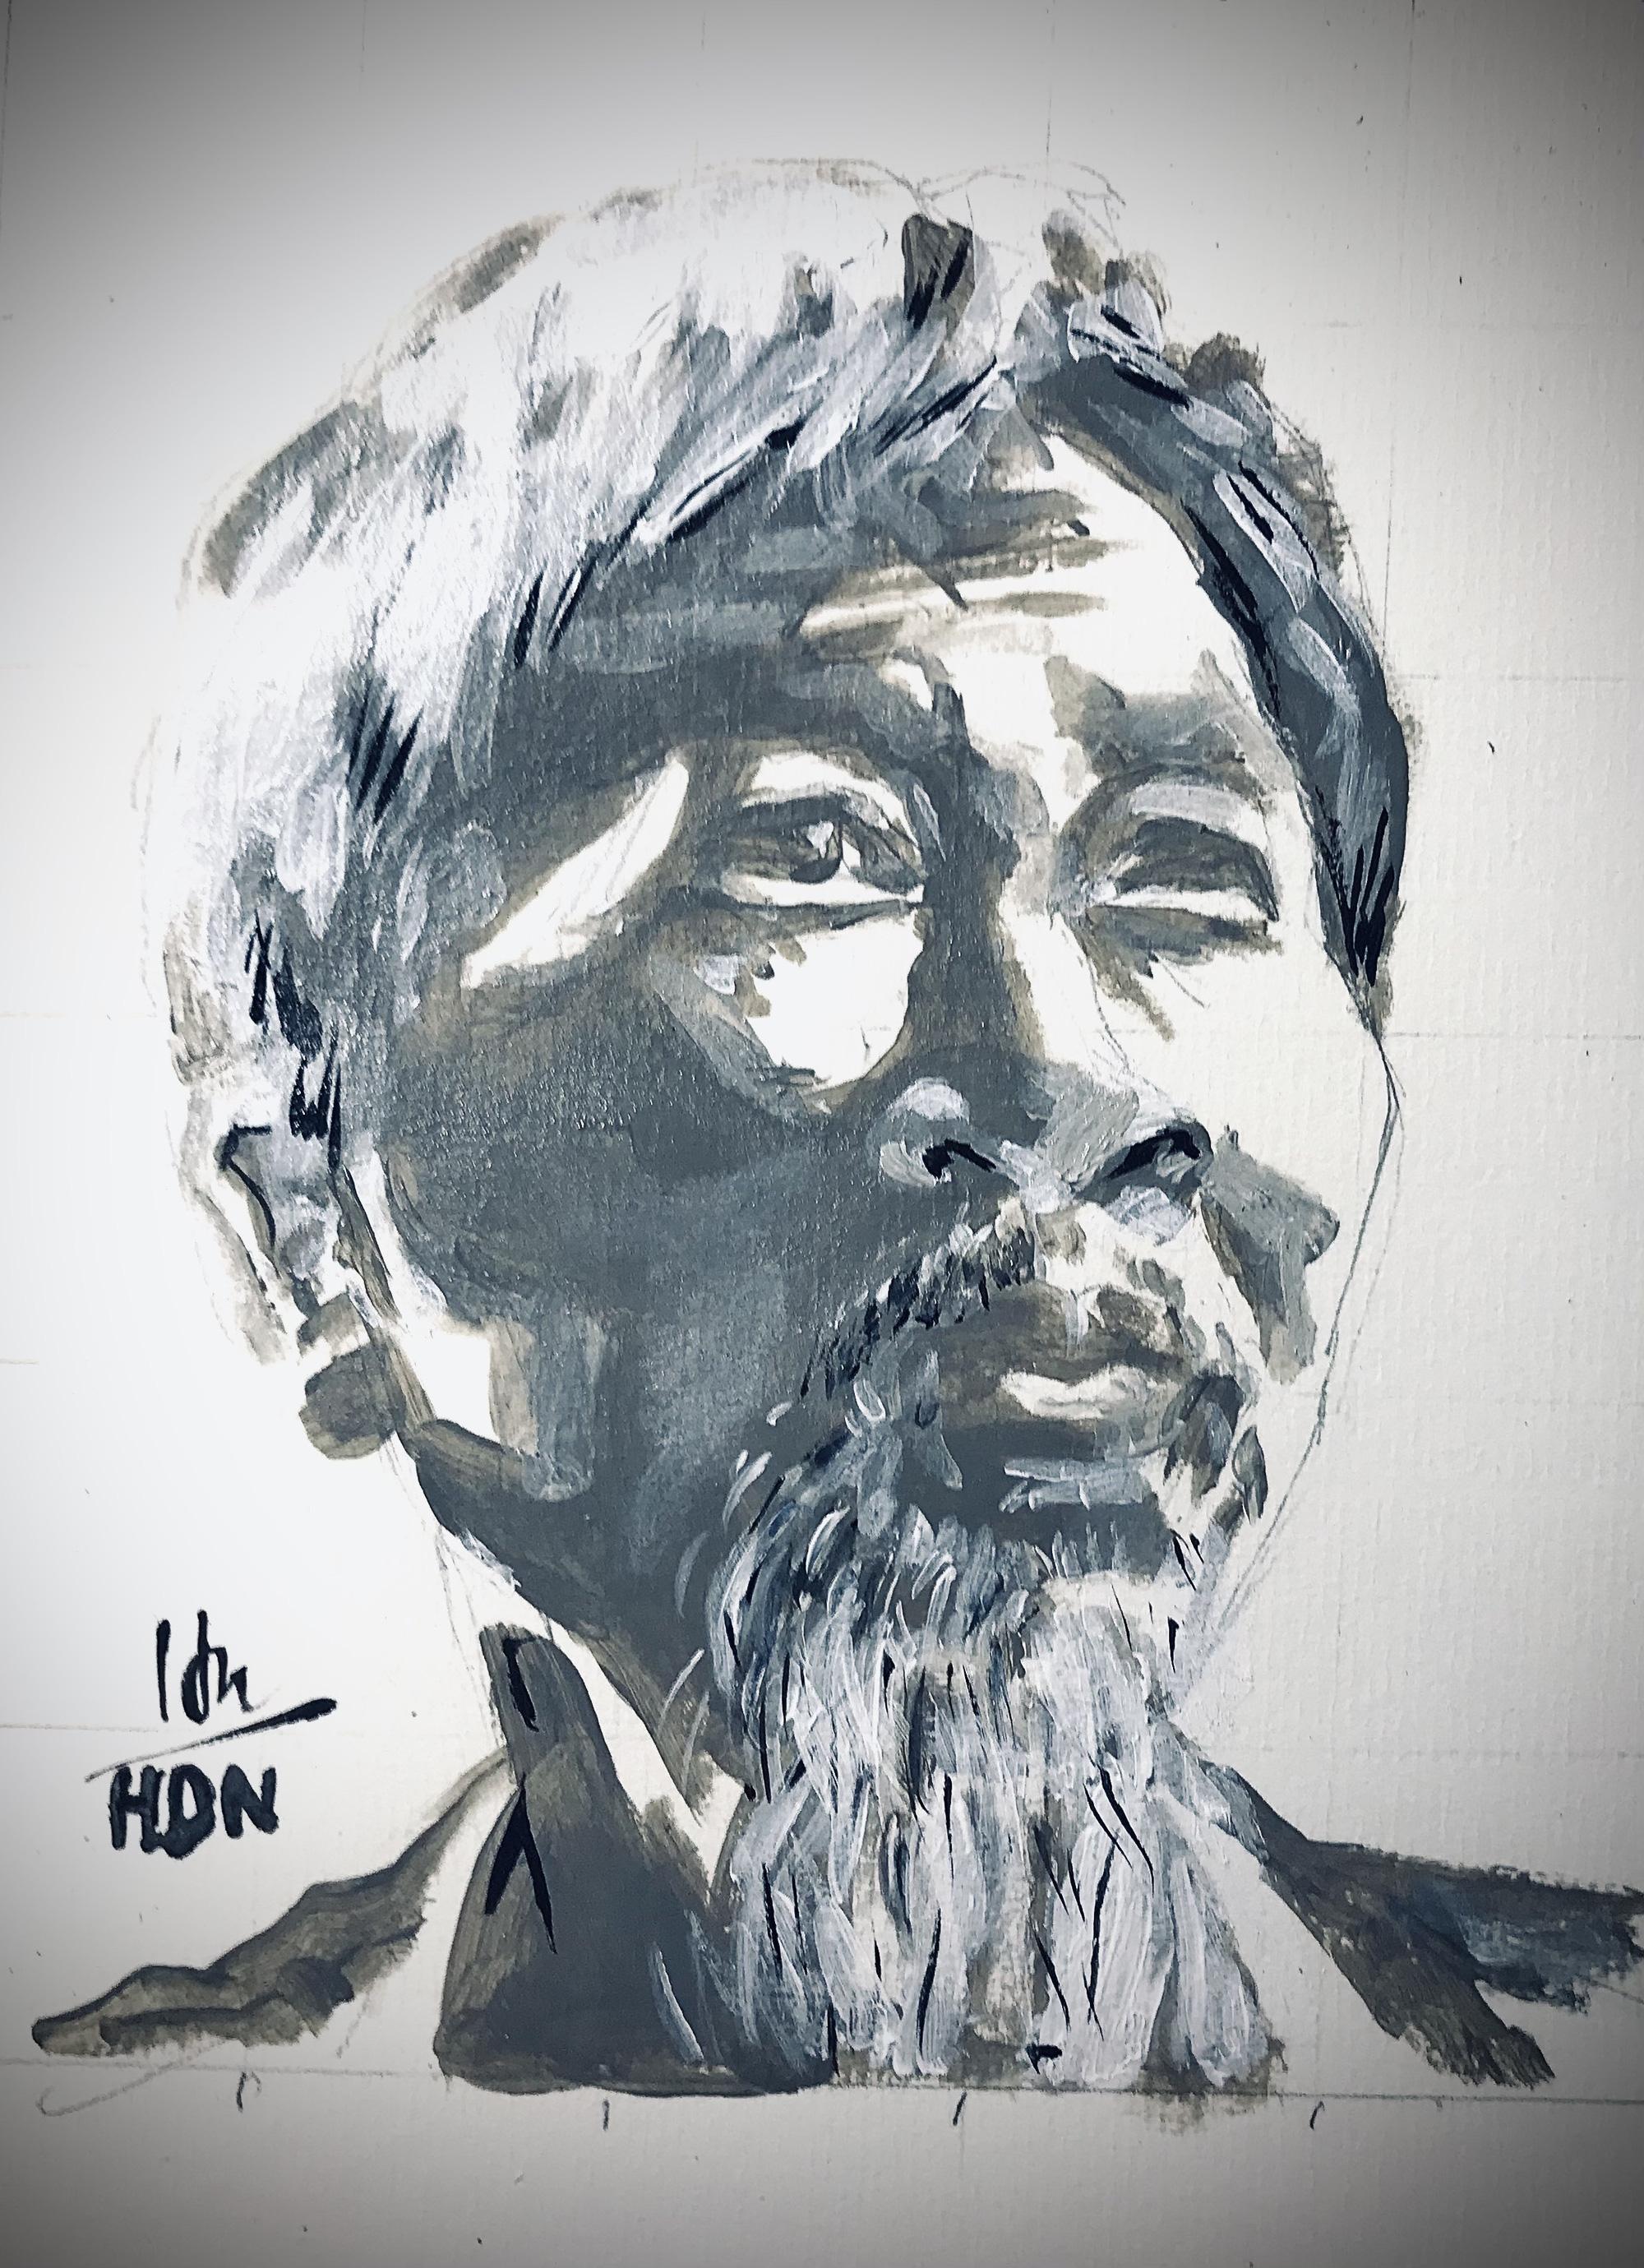 Chế tác từ một chế tác để tưởng nhớ nhà văn Nguyễn Huy Thiệp - Ảnh 1.